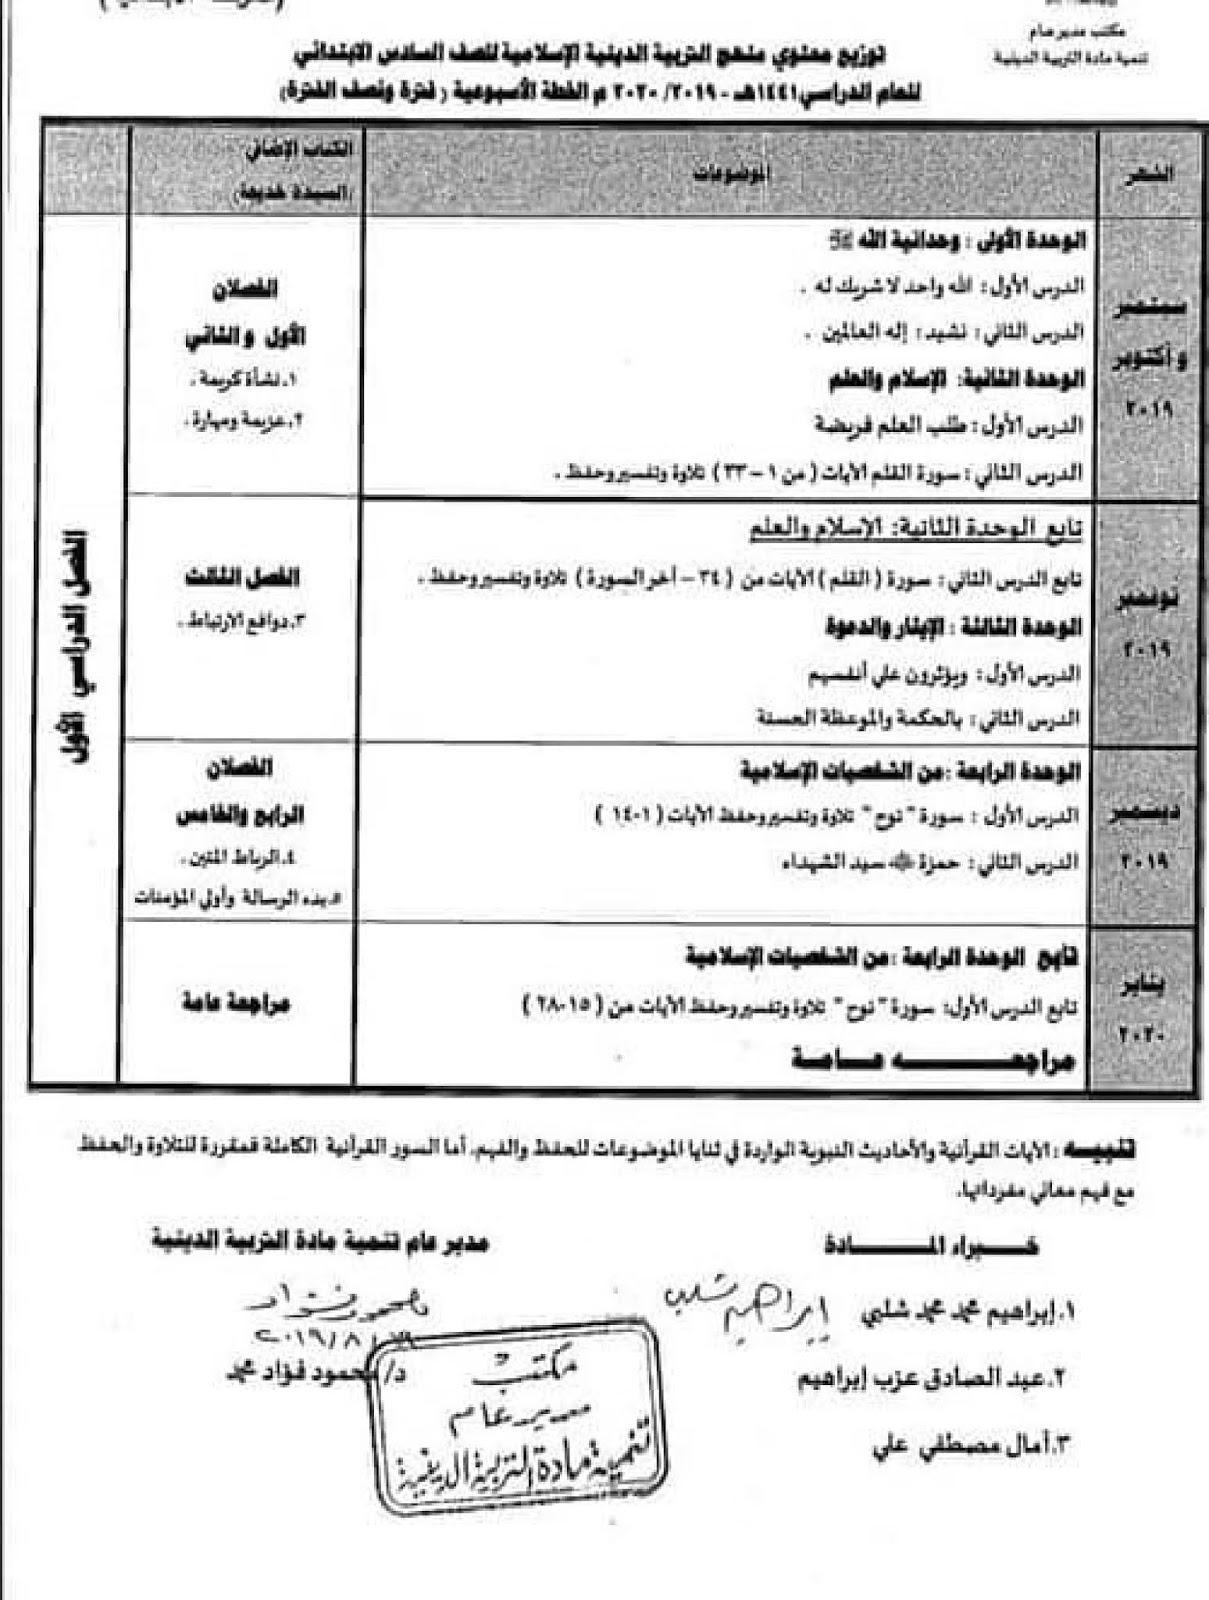 كتاب التربية الاسلامية للصف الثالث الابتدائي 2021 الترم الثاني